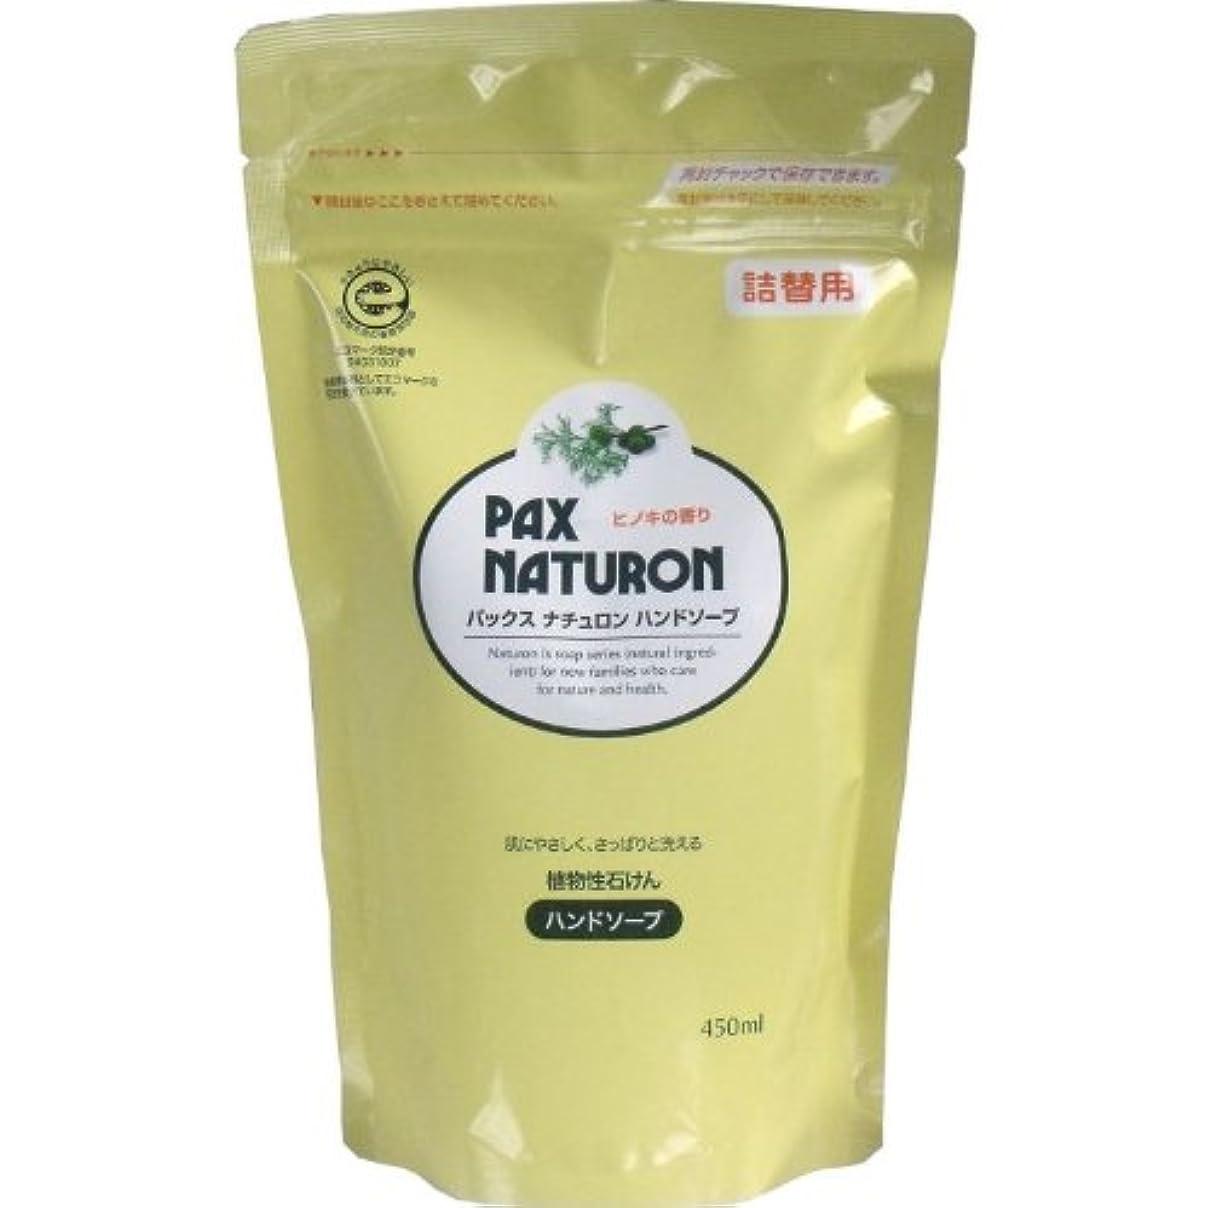 受動的現在入場肌にやさしく、さっぱりと洗える植物性石けん!植物性ハンドソープ 詰替用 450mL【4個セット】